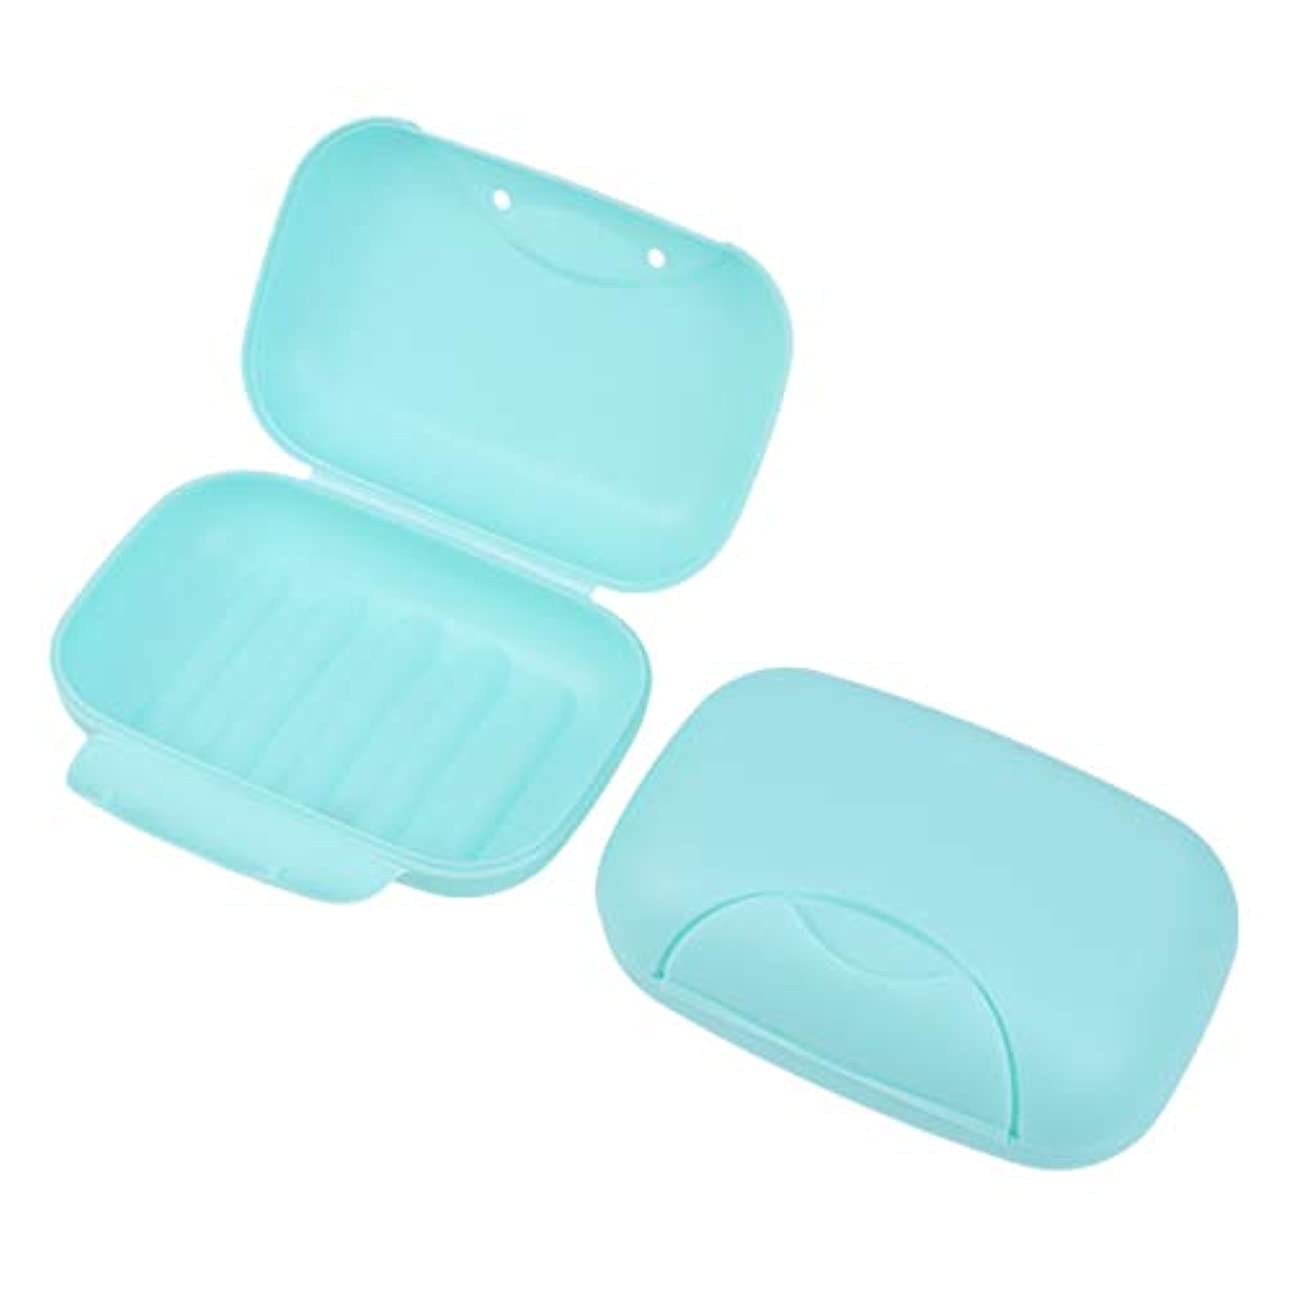 テクトニックドラゴン耕すHealifty 旅行用ソープボックス防水石鹸皿ソープホルダー2個(青)